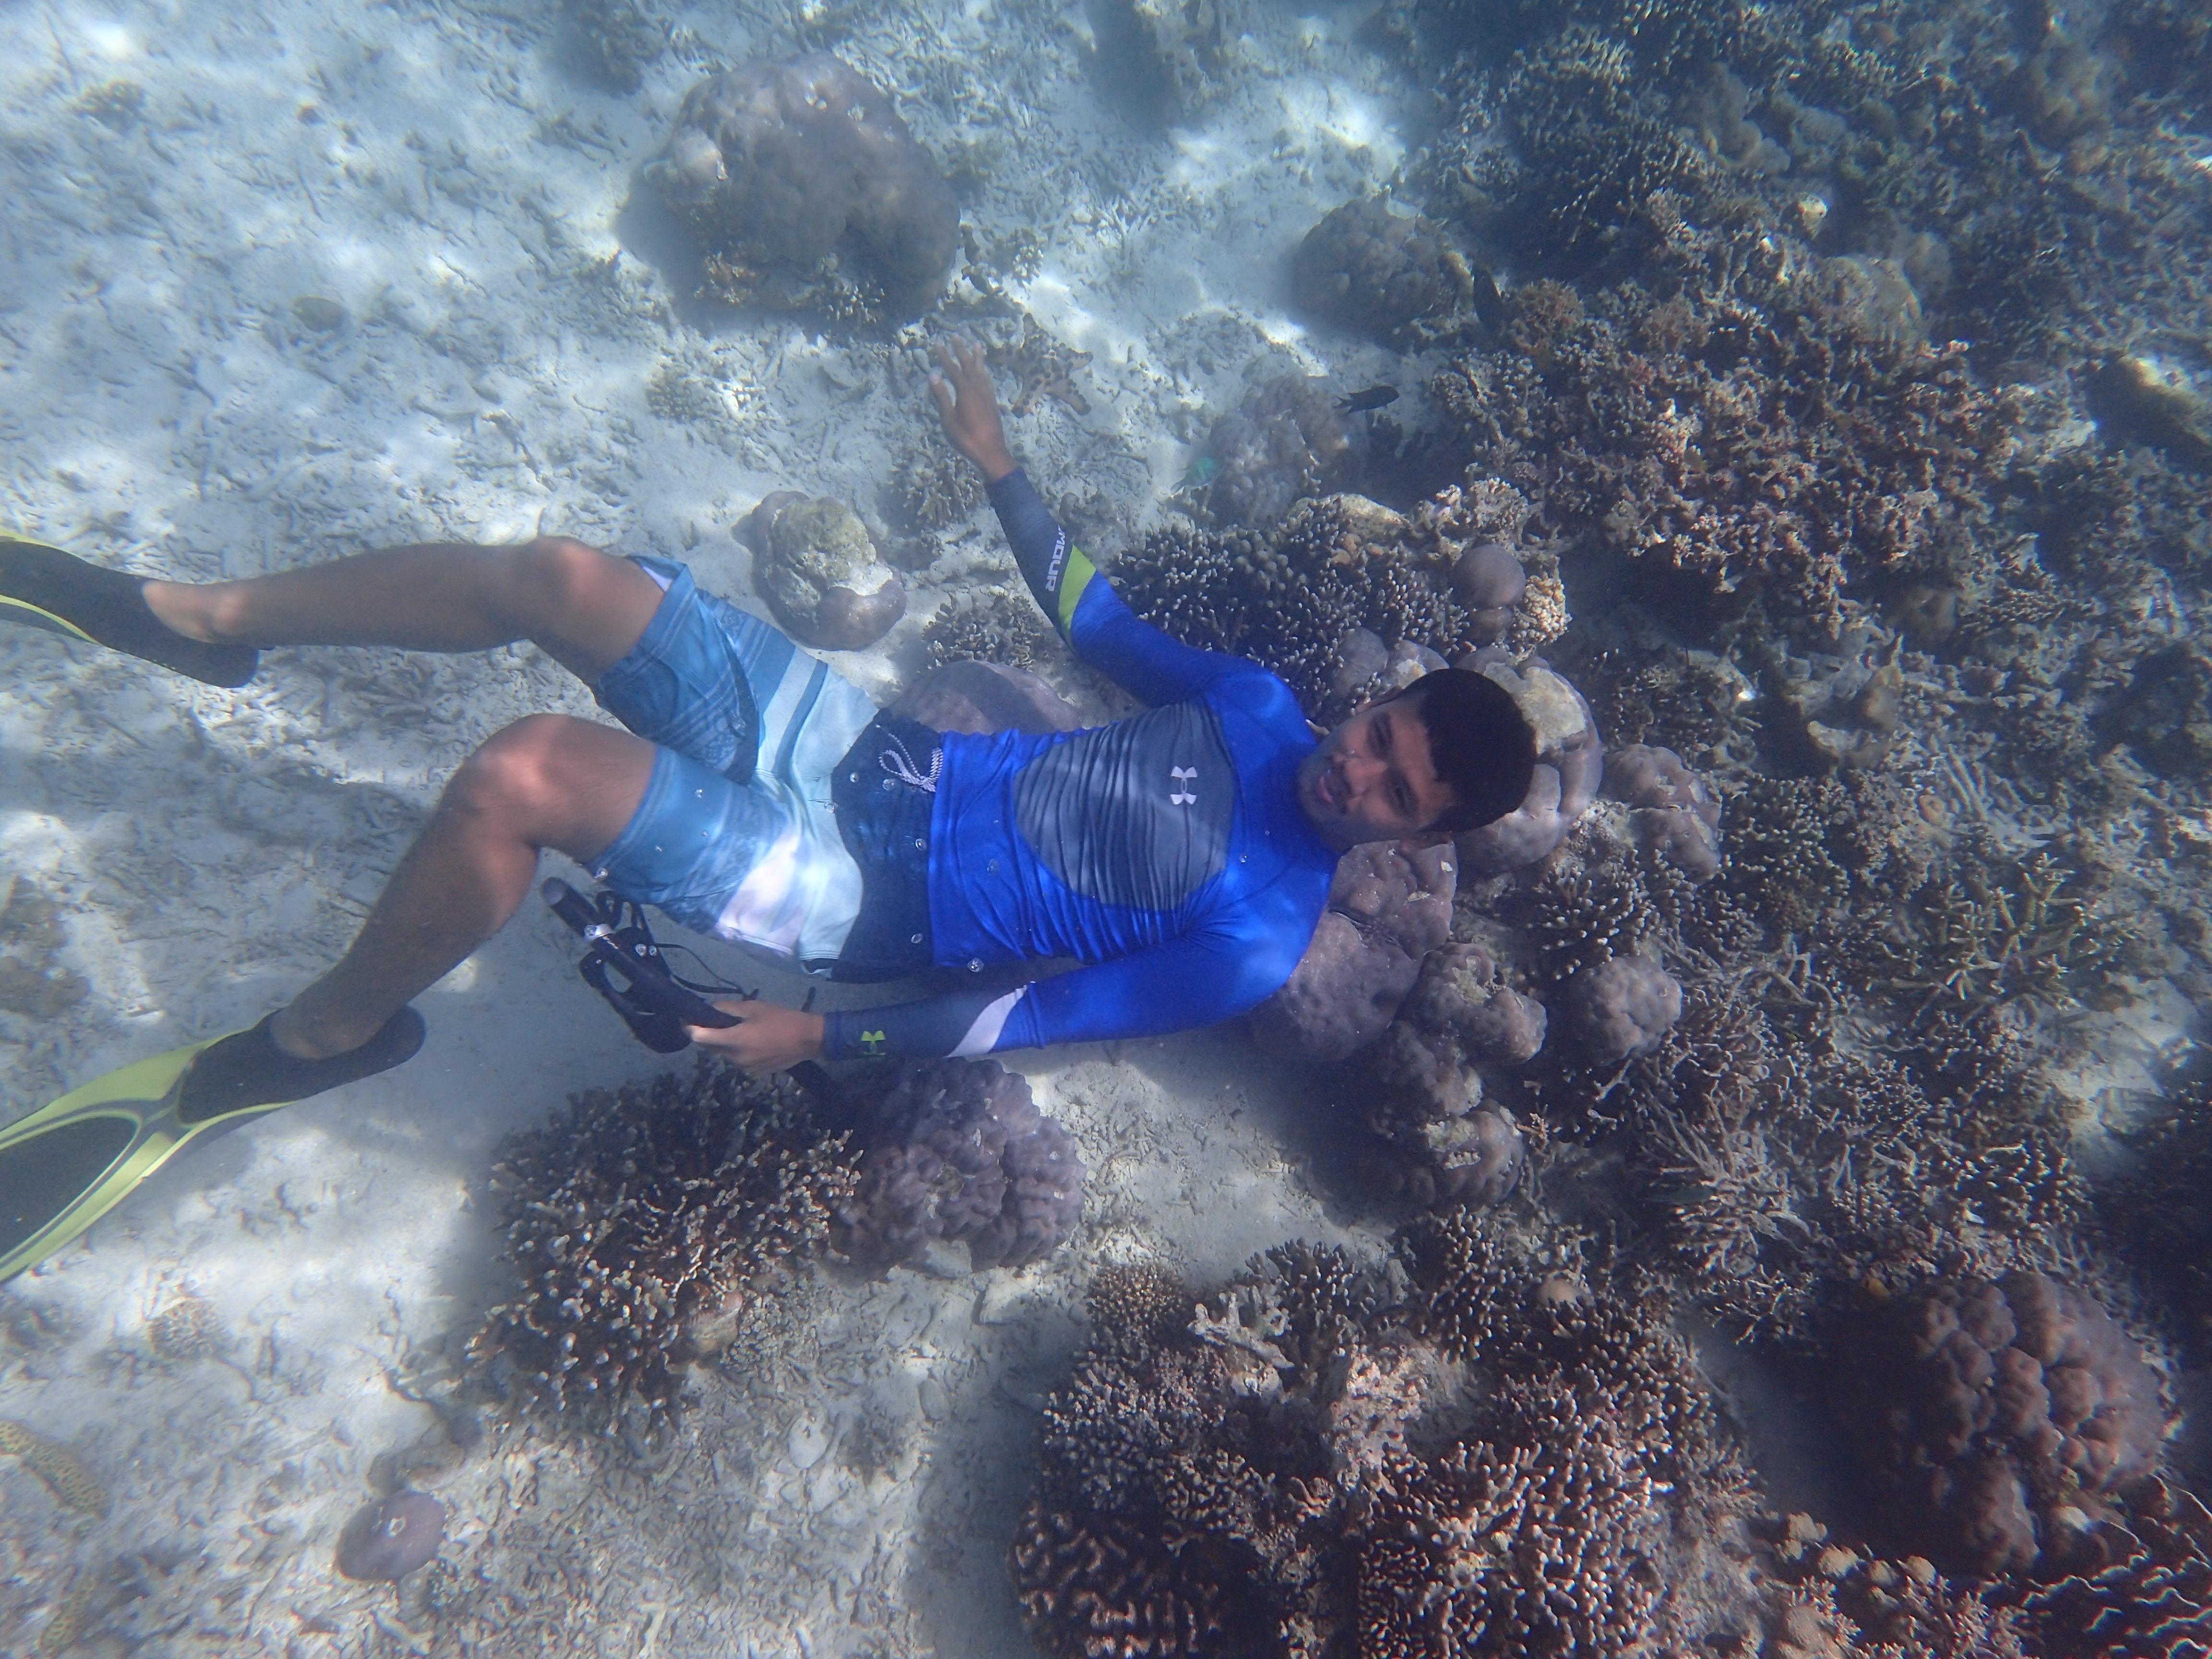 Bisakah Diving dan Snorkling Jika Tidak Bisa Berenang?